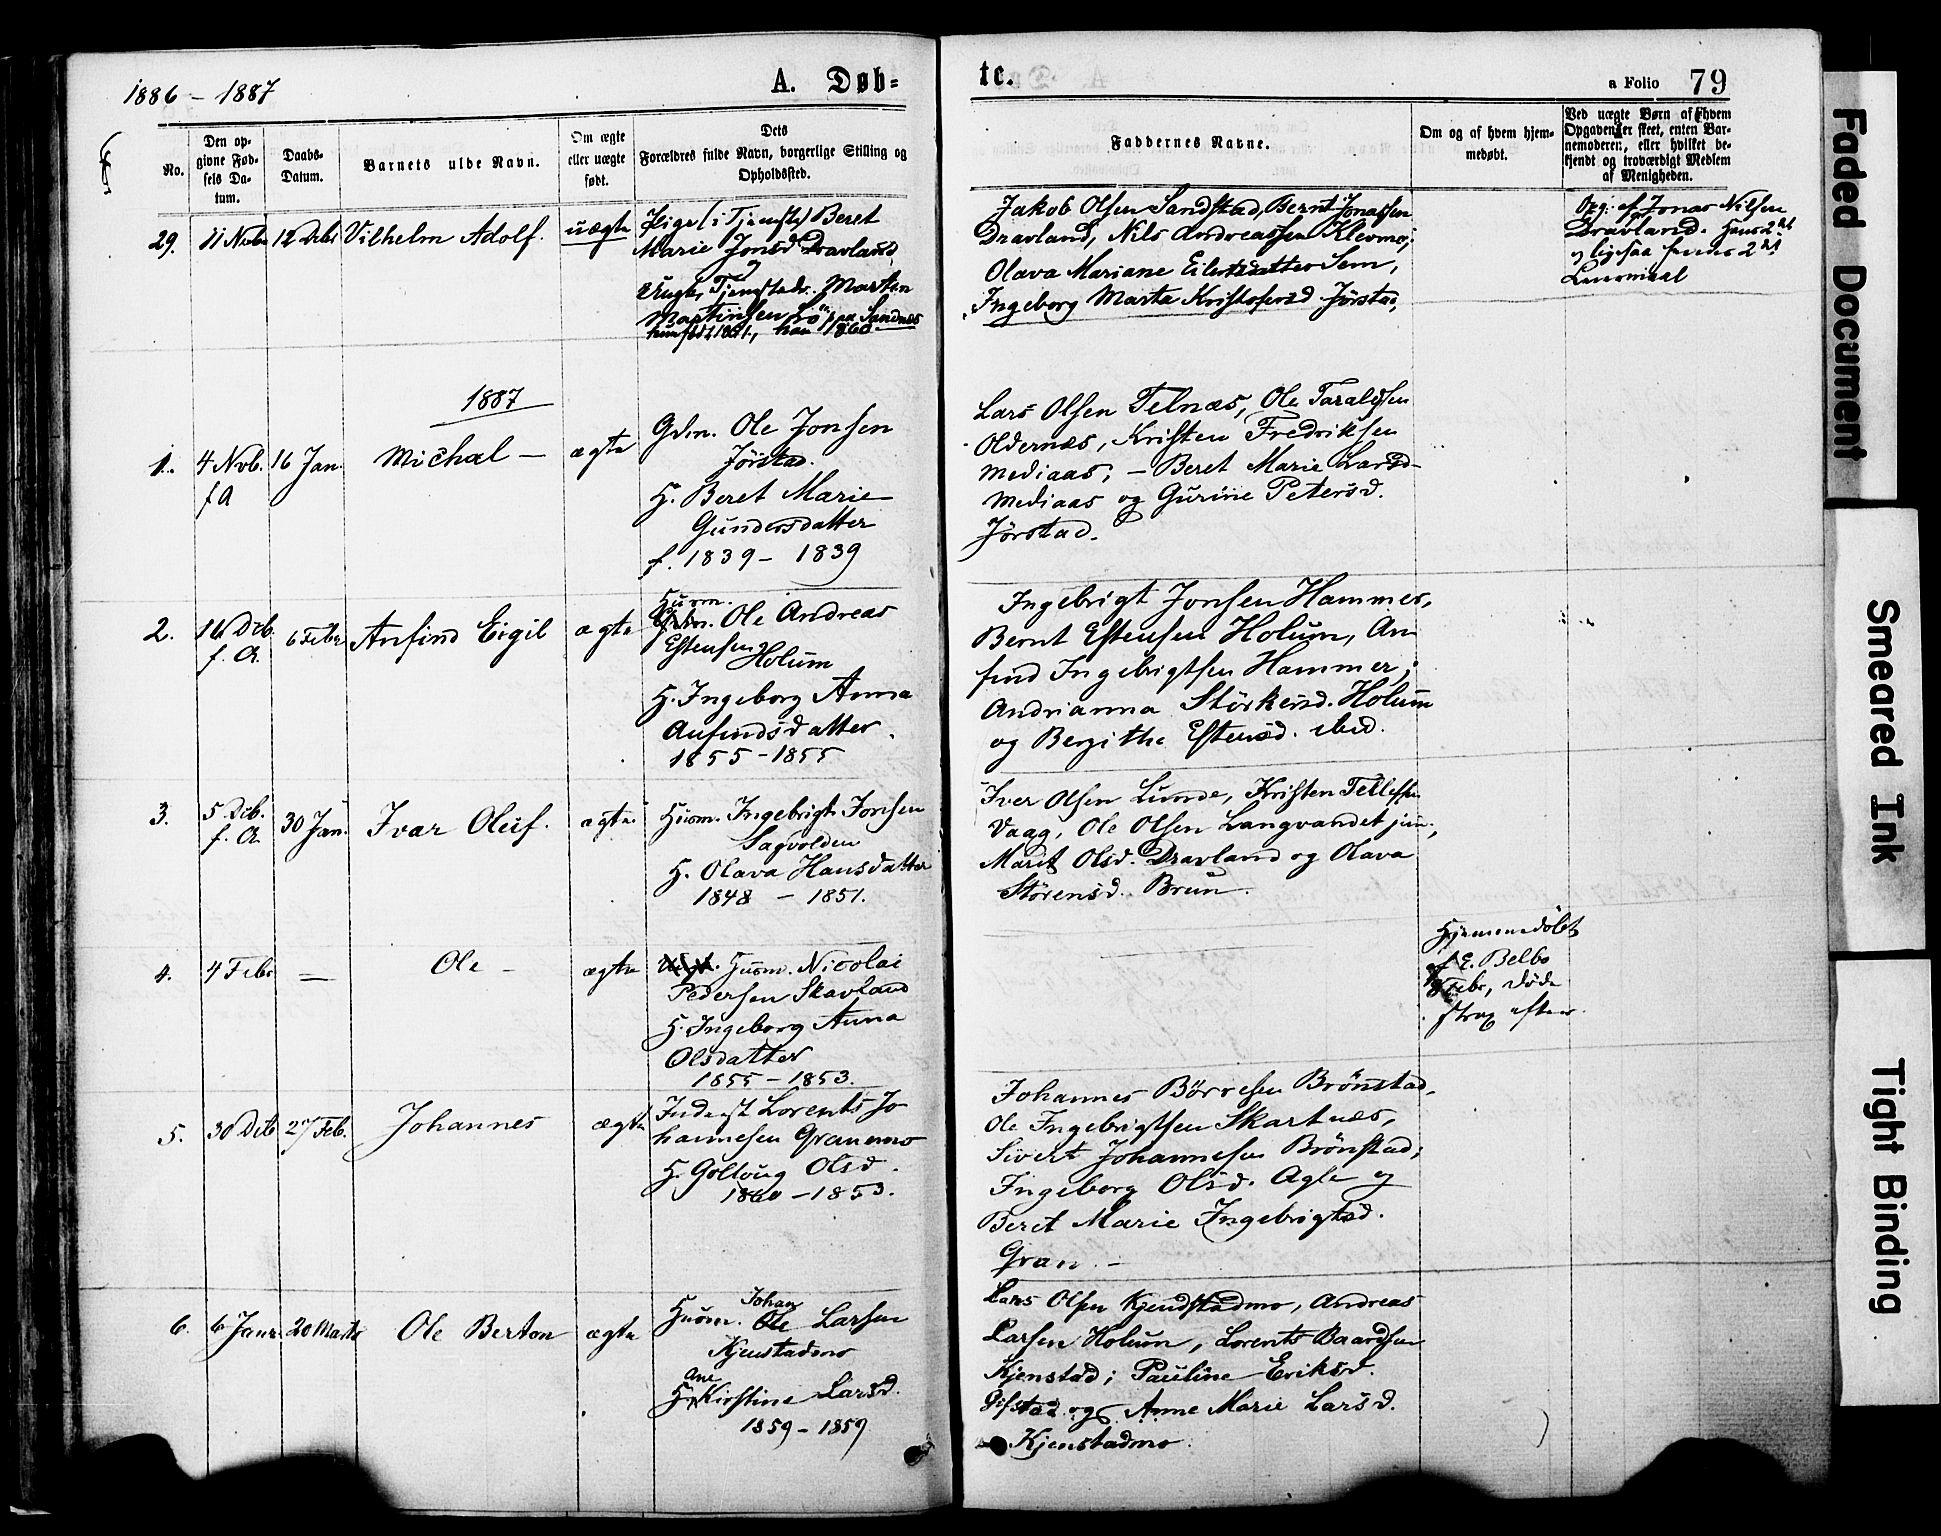 SAT, Ministerialprotokoller, klokkerbøker og fødselsregistre - Nord-Trøndelag, 749/L0473: Ministerialbok nr. 749A07, 1873-1887, s. 79